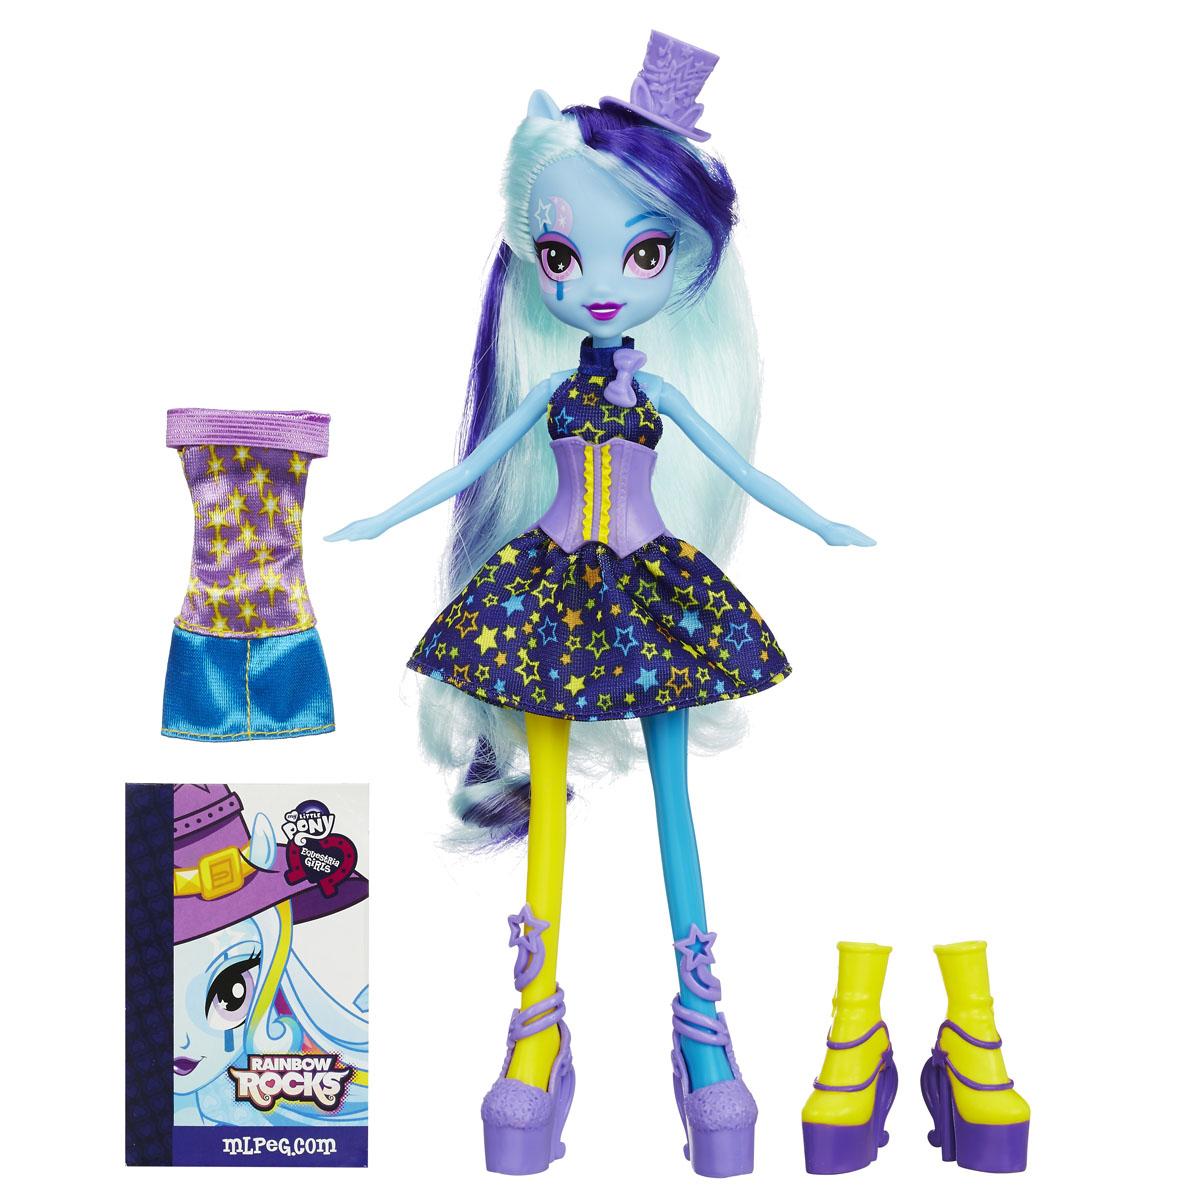 My Little Pony Кукла Модница ТриксиA9892_A8841_SolidКуклы пони-девочки из мультфильма Equestria Girl (Девочки из Эквестрии) - это удивительные и очаровательные куклы, которых так давно ждали ценители маленьких пони. В серии Rainbow Rocks все куклы - звезды рок-группы, они очень стильно одеты и шикарно выглядят. Каждая кукла - яркая индивидуальность! Кукла My Little Pony Equestria Girls Модница Трикси в точности повторяет внешний вид героини из мультфильма. Кукла выполнена в виде девочки-пони Трикси. Ее эффектный образ создан специально для выступления на рок-концерте. Девочке непременно понравится расчесывать и заплетать ее длинные голубые волосы. Куколка одета в синее платье с корсетом, украшенное звездным принтом, на ногах у нее - фиолетовые туфельки. Стильный образ дополняет фиолетовая шляпка-цилиндр. В комплект также входит дополнительный наряд для куколки - короткое платье и желто-фиолетовые полусапожки. Голова, ручки и ножки куколки подвижны, благодаря чему ей можно придавать различные позы. Игры...